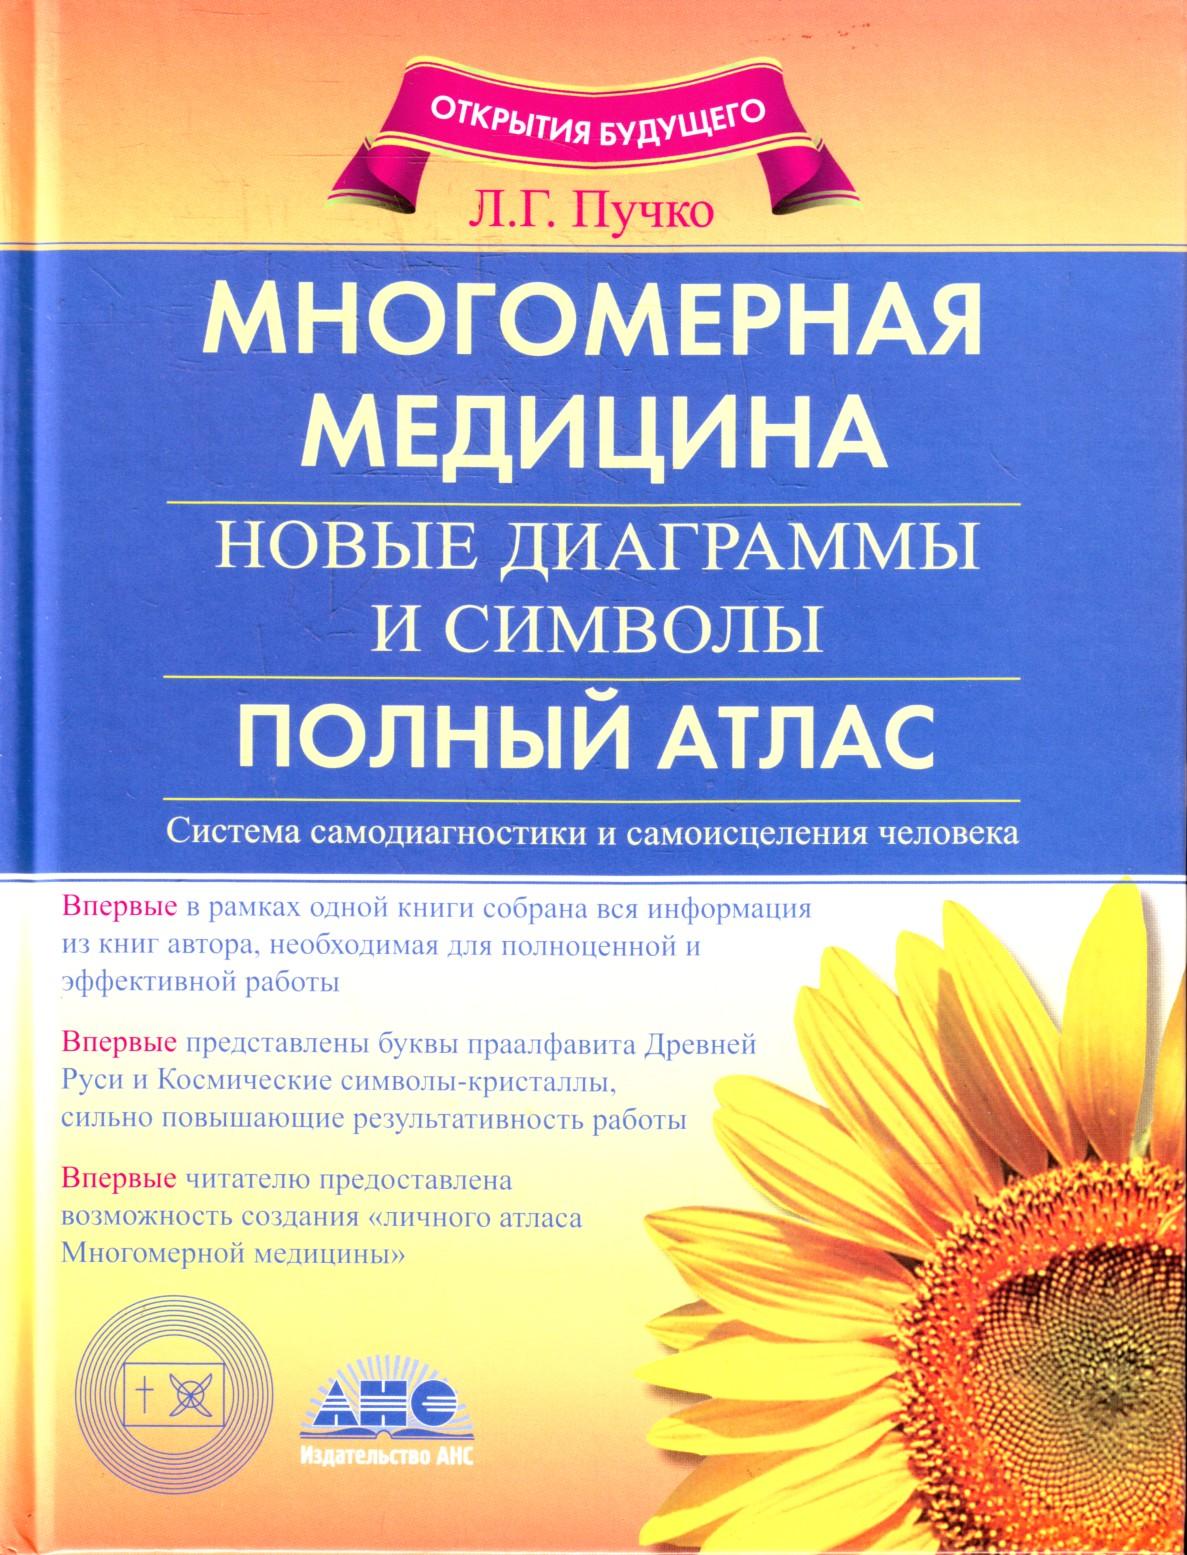 Mnogomernaja meditsina. Novye diagrammy i simvoly. Polnyj atlas